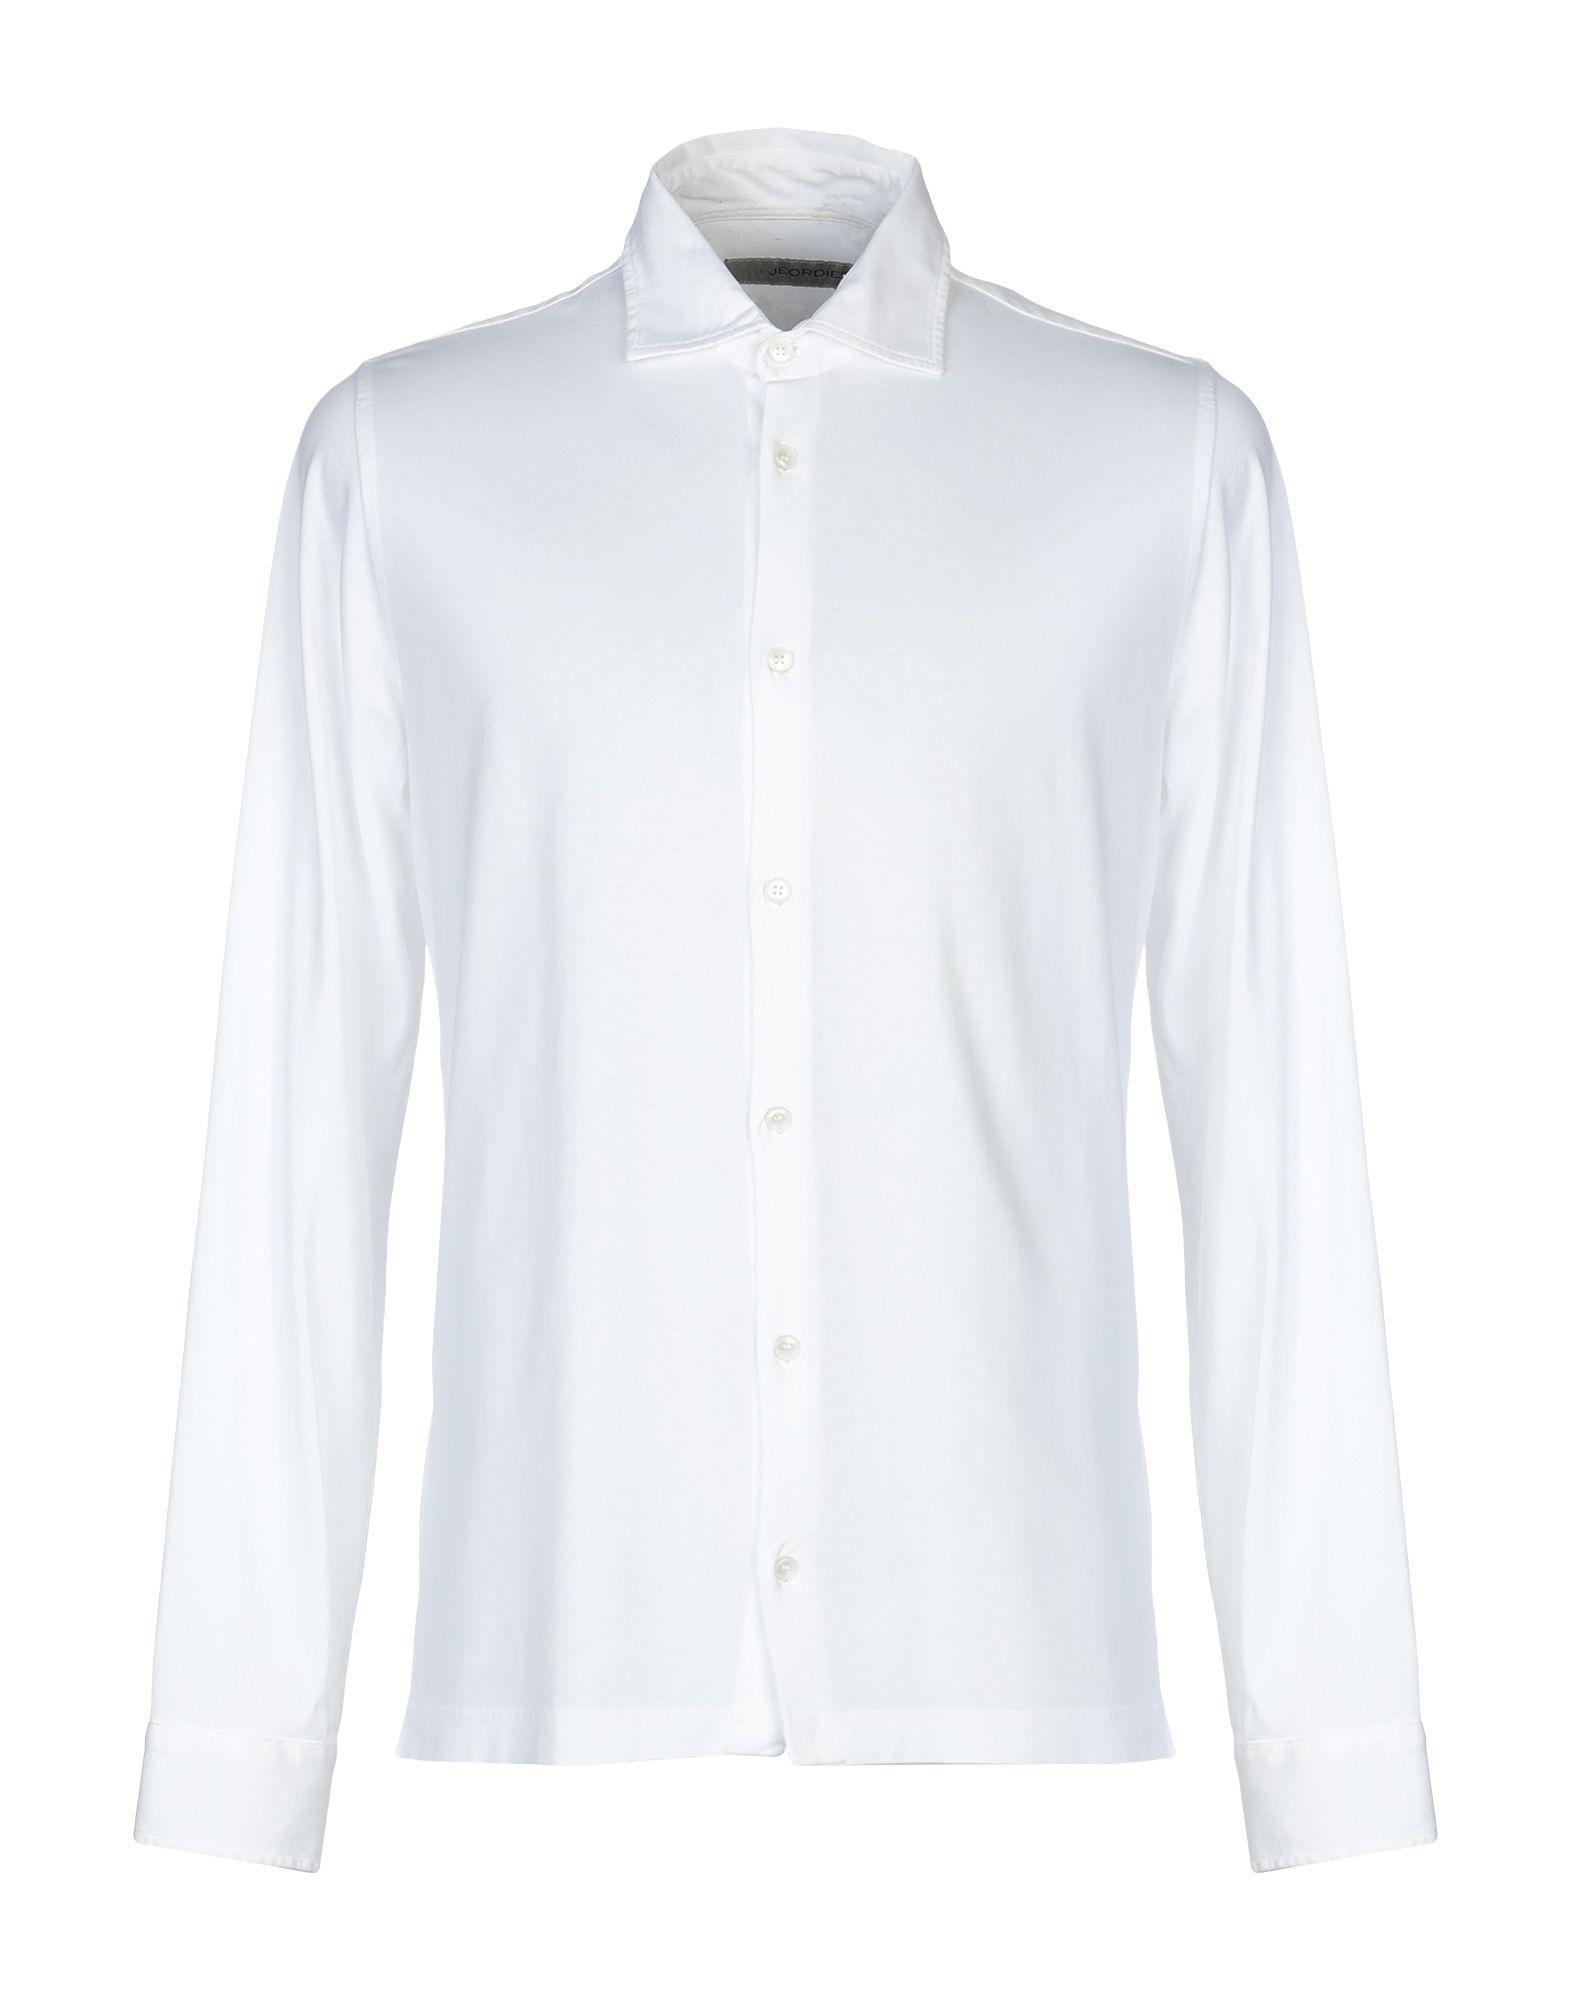 《セール開催中》JEORDIE'S メンズ シャツ ホワイト XXL スーピマ? 100%